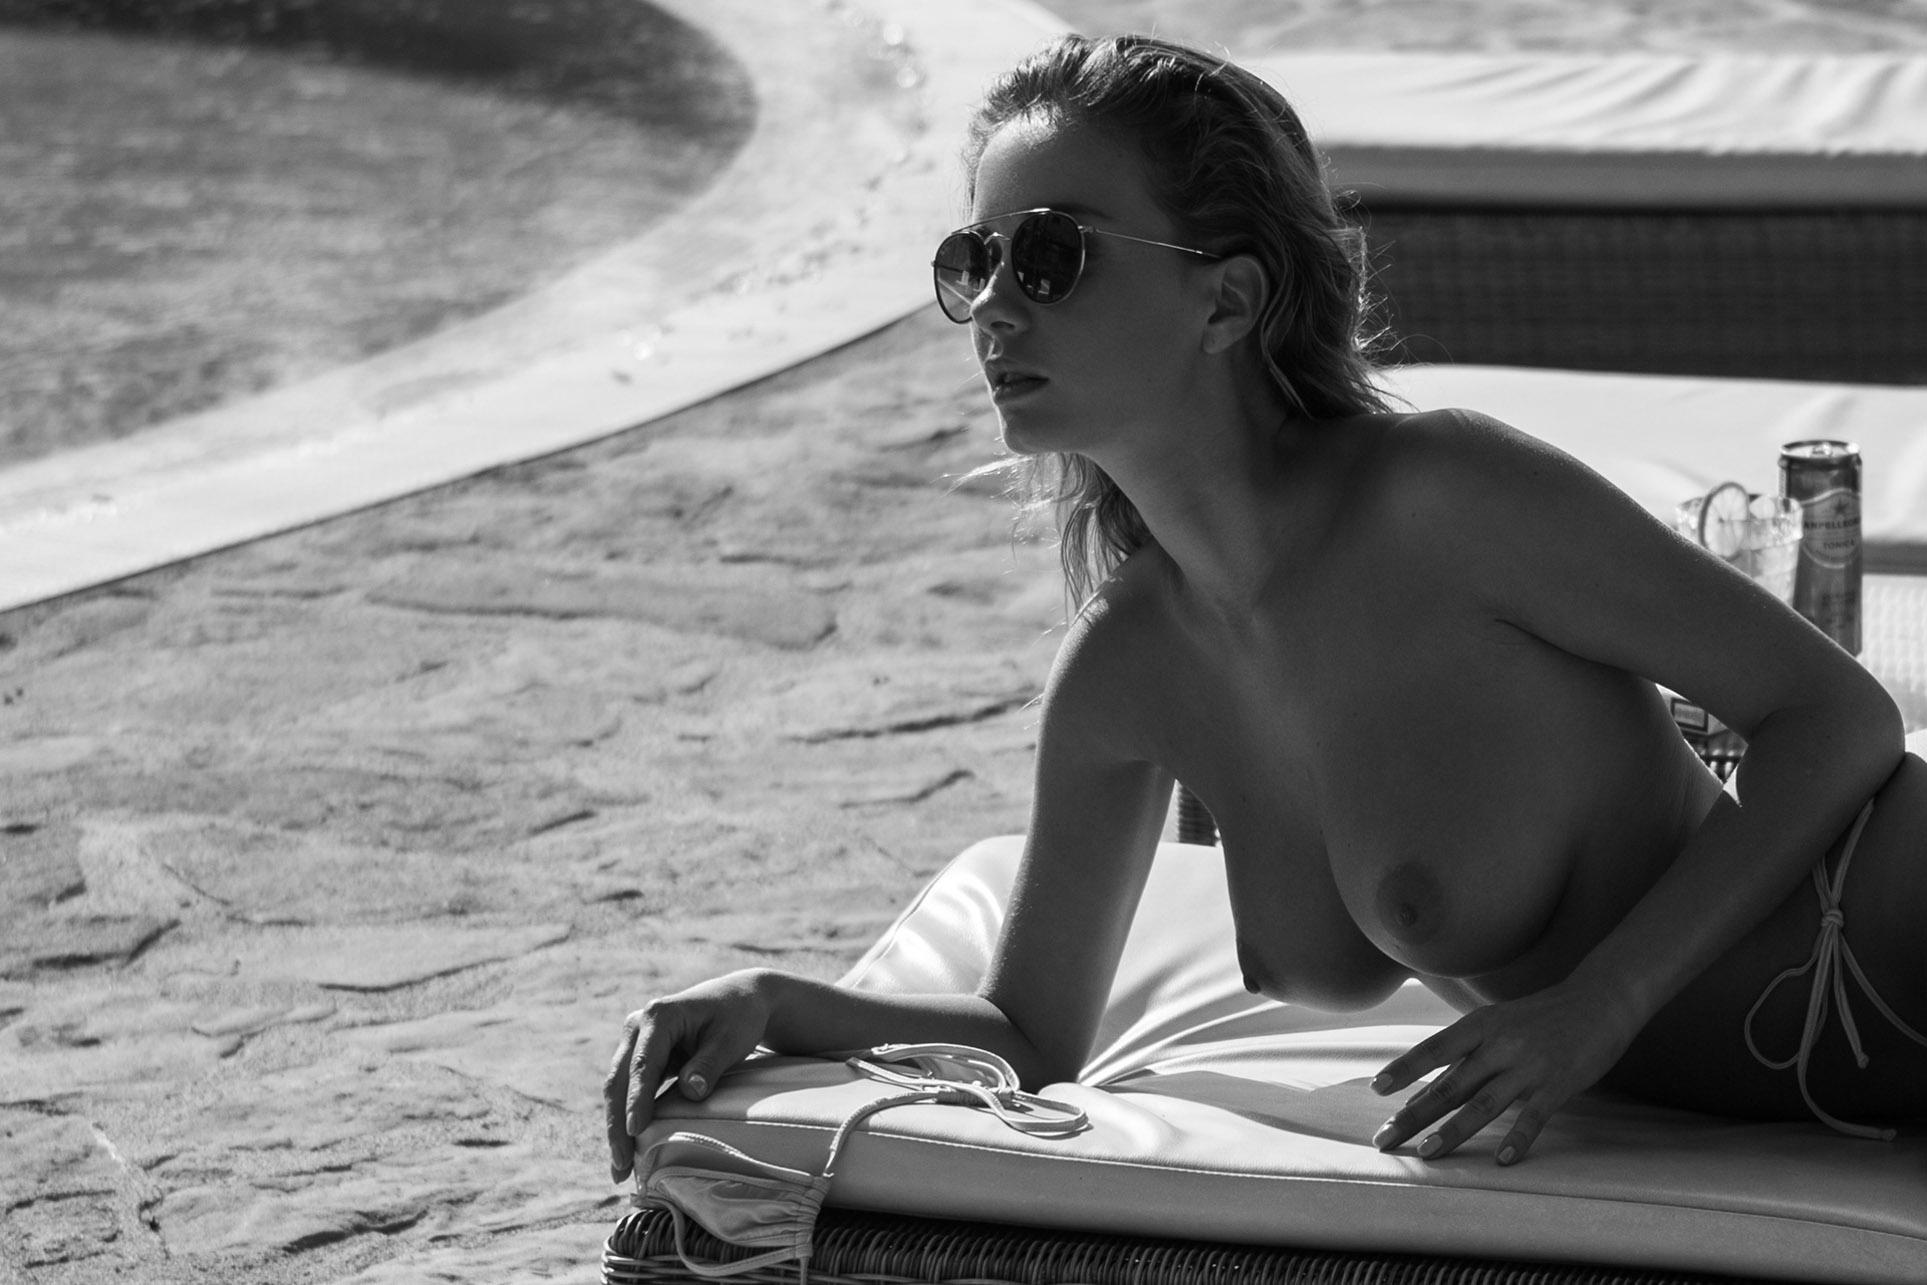 сексуальная обнаженная девушка отдыхает у бассейна / фото 03